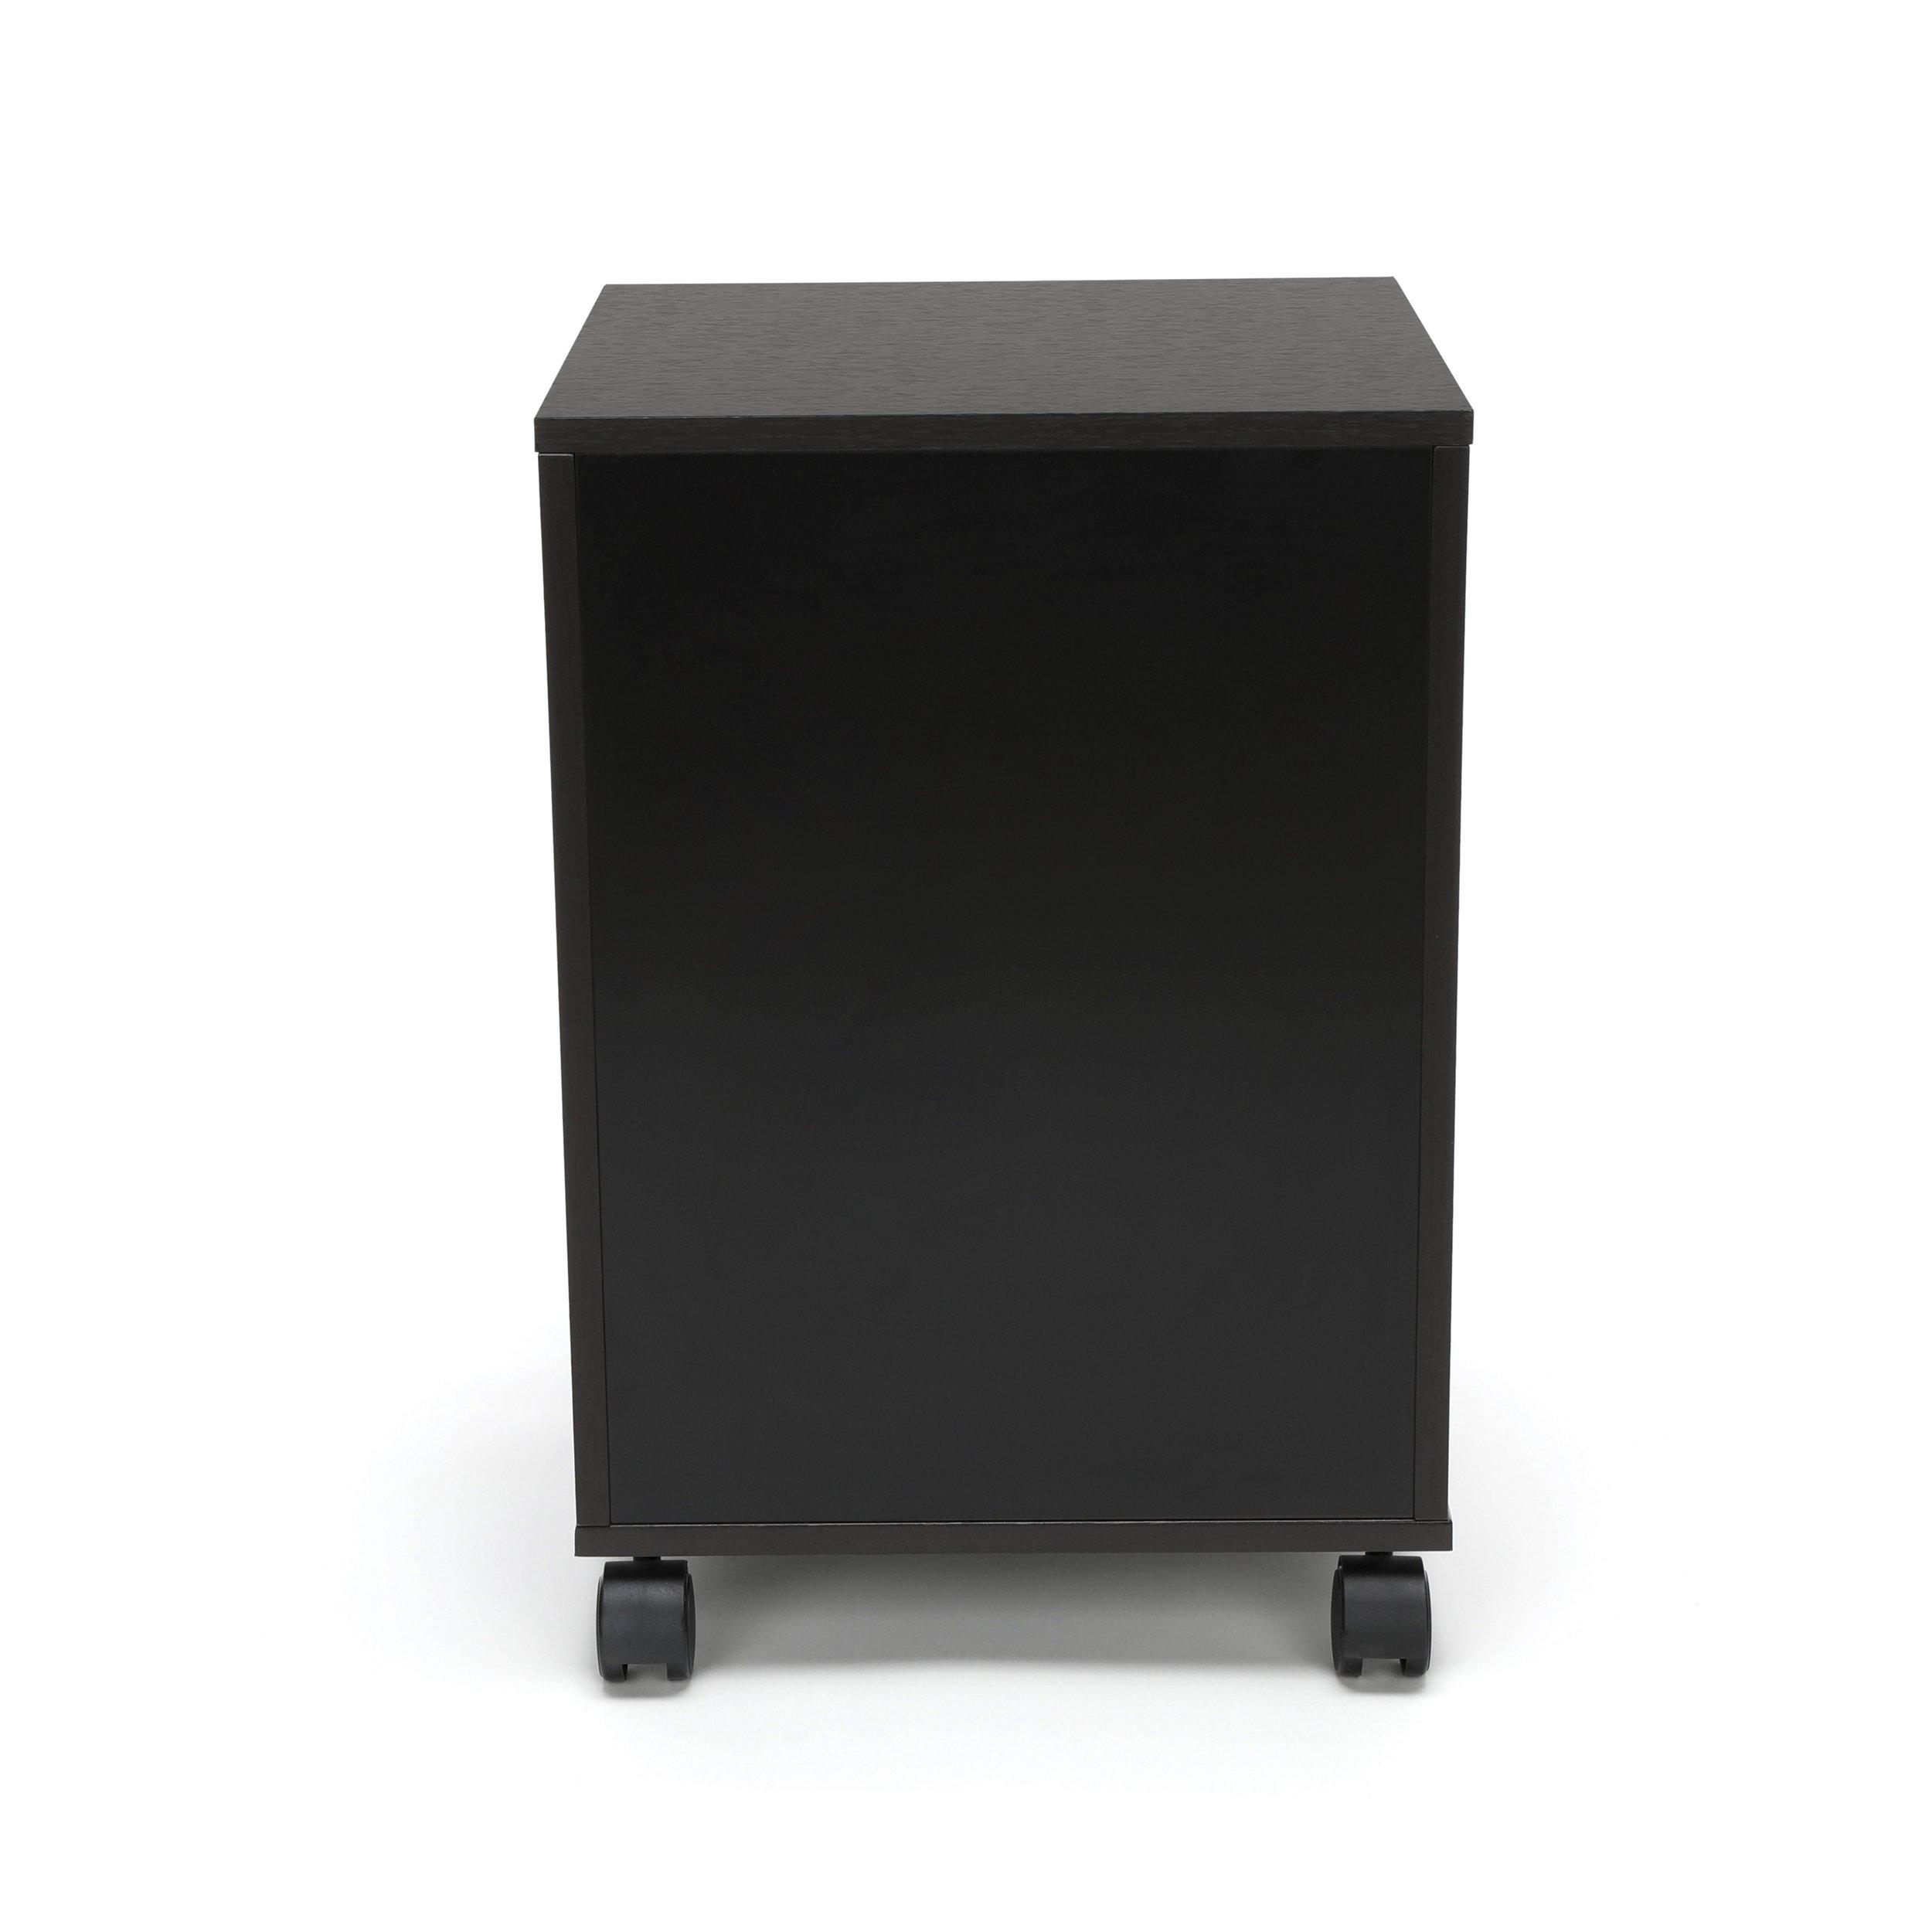 Essentials File Cabinet - 3-Drawer Wheeled Mobile Pedestal Cabinet, Espresso (ESS-1030-ESP) by OFM (Image #5)